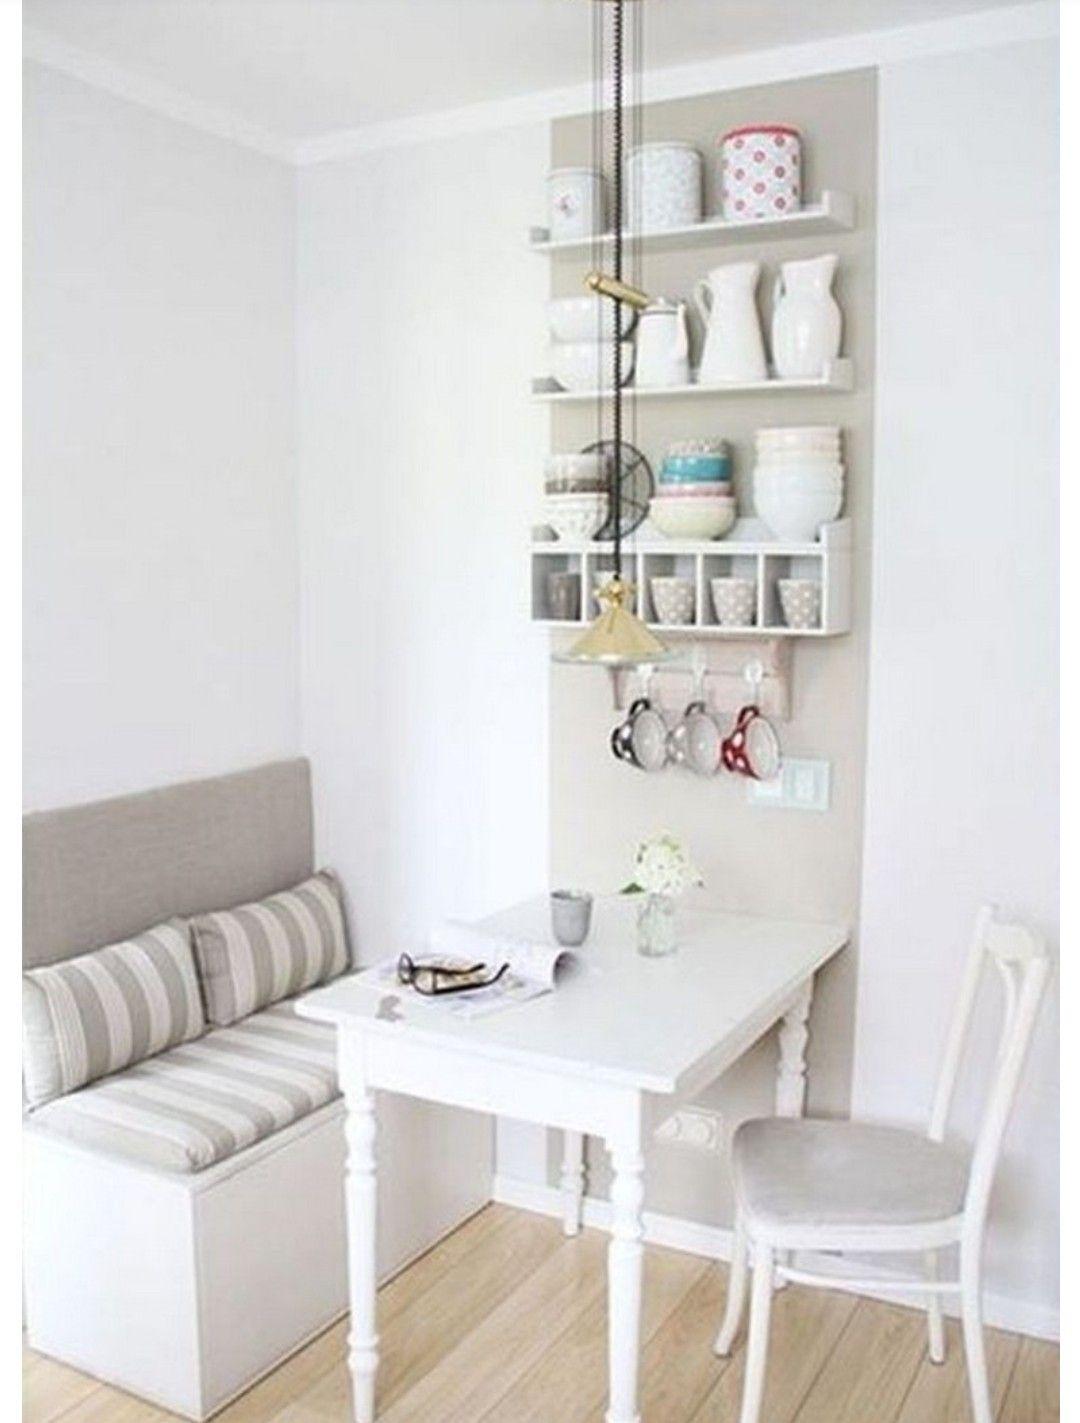 Pin von Vasiliki Mel auf Küche   Wohnen, Kleiner esstisch, Wand küche